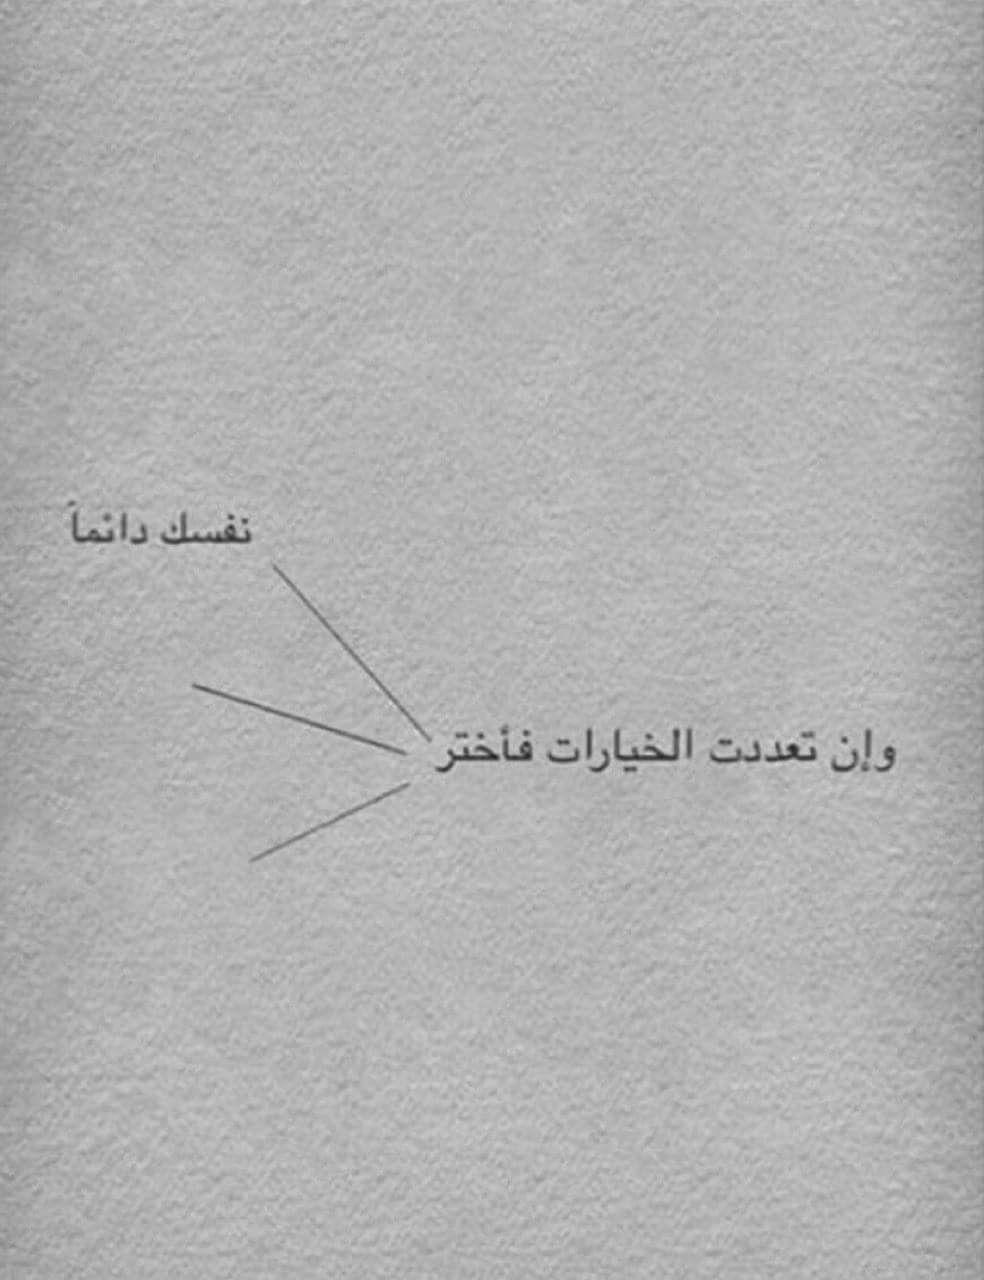 إلى ذلك البعيد Arabic Quotes Sweet Words Quotes